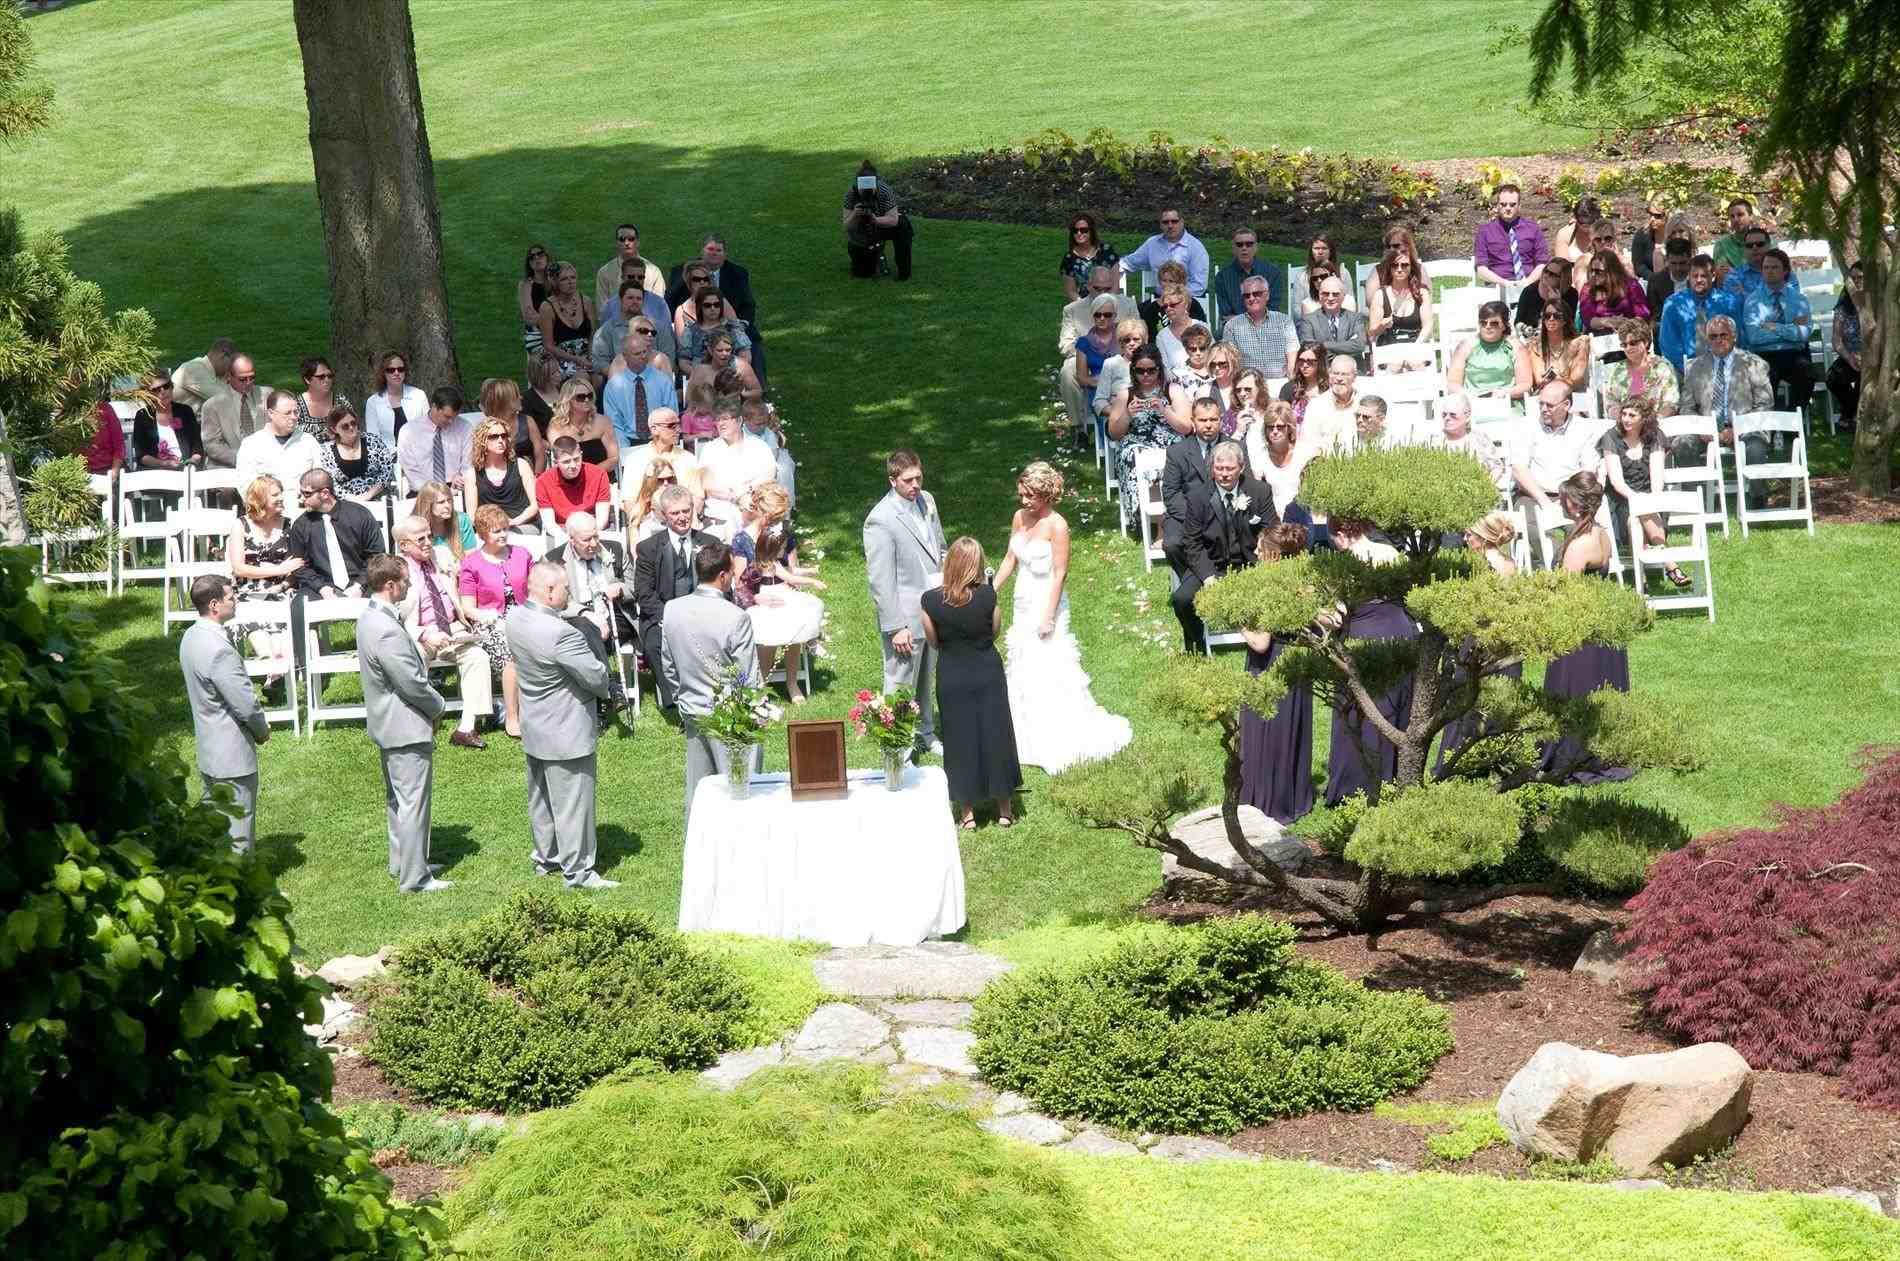 contemporary garden wedding ideas photo - 8